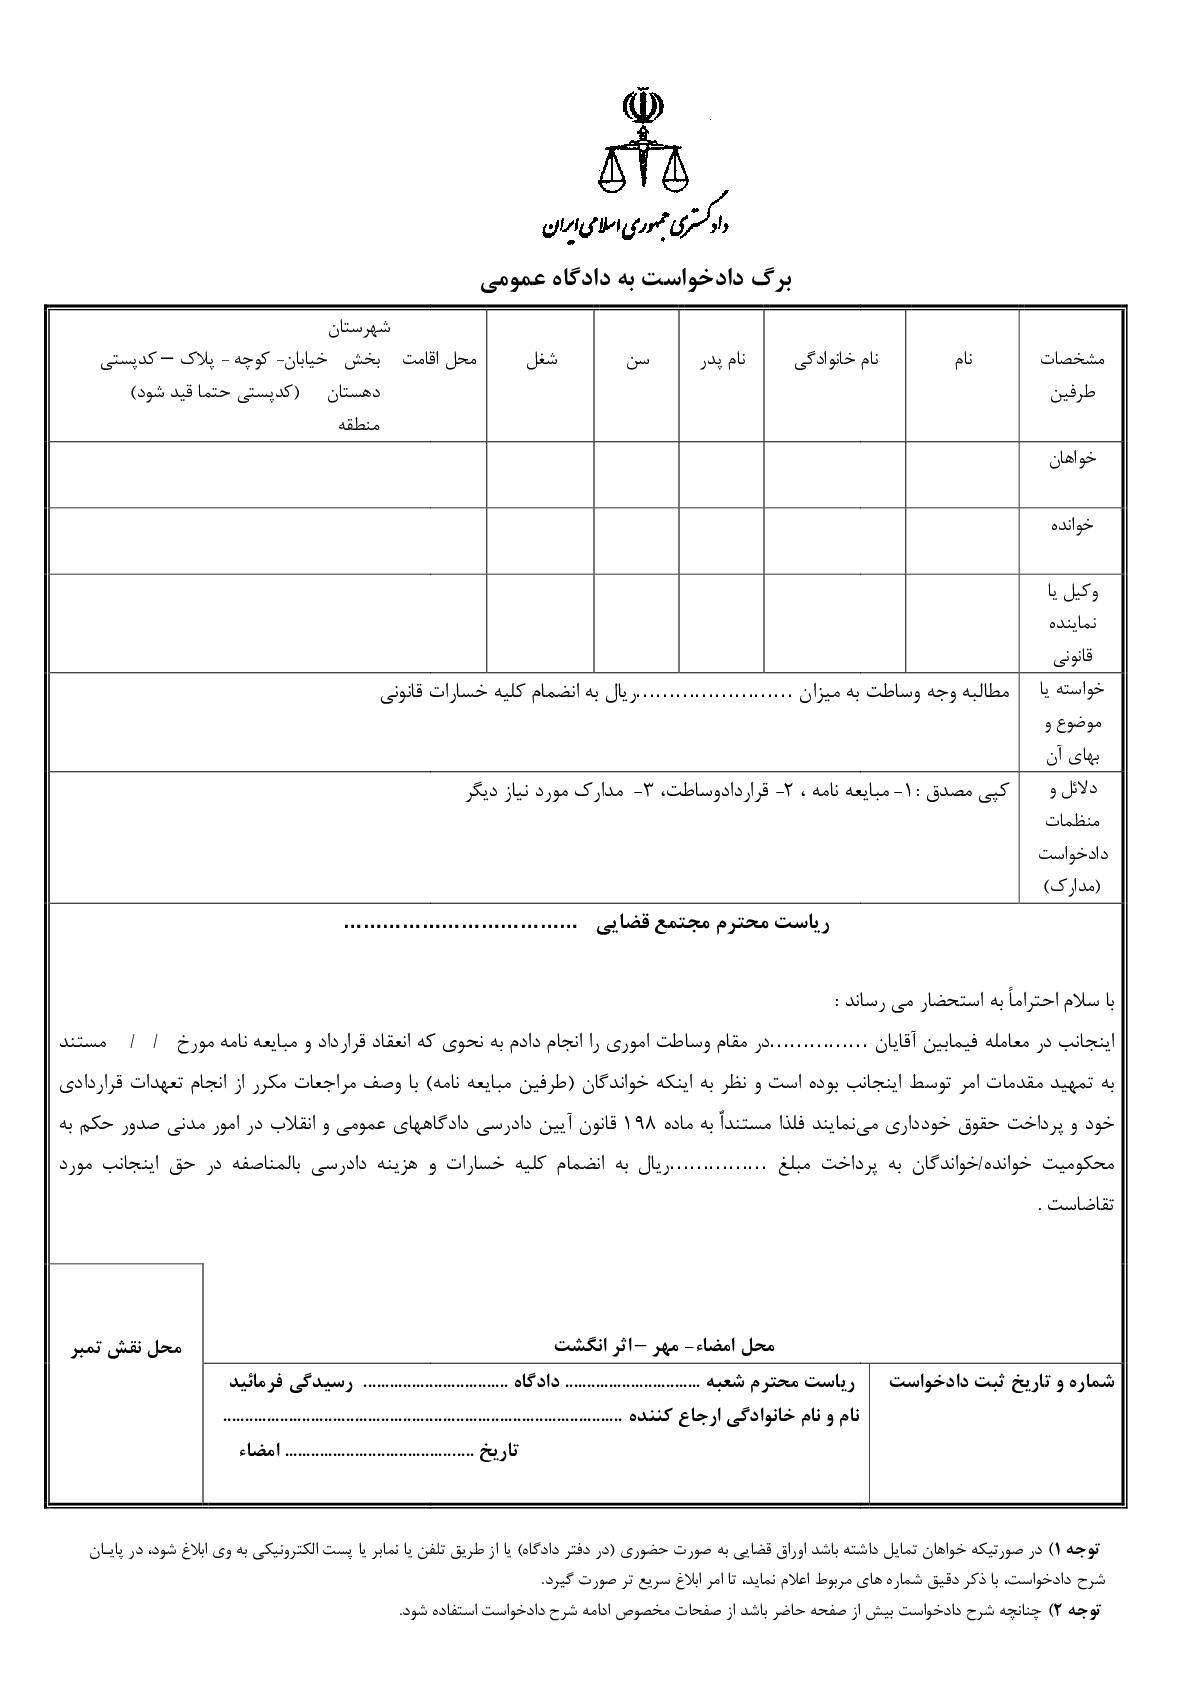 دادخواست مطالبه وجه وساطت(از دادگاه)